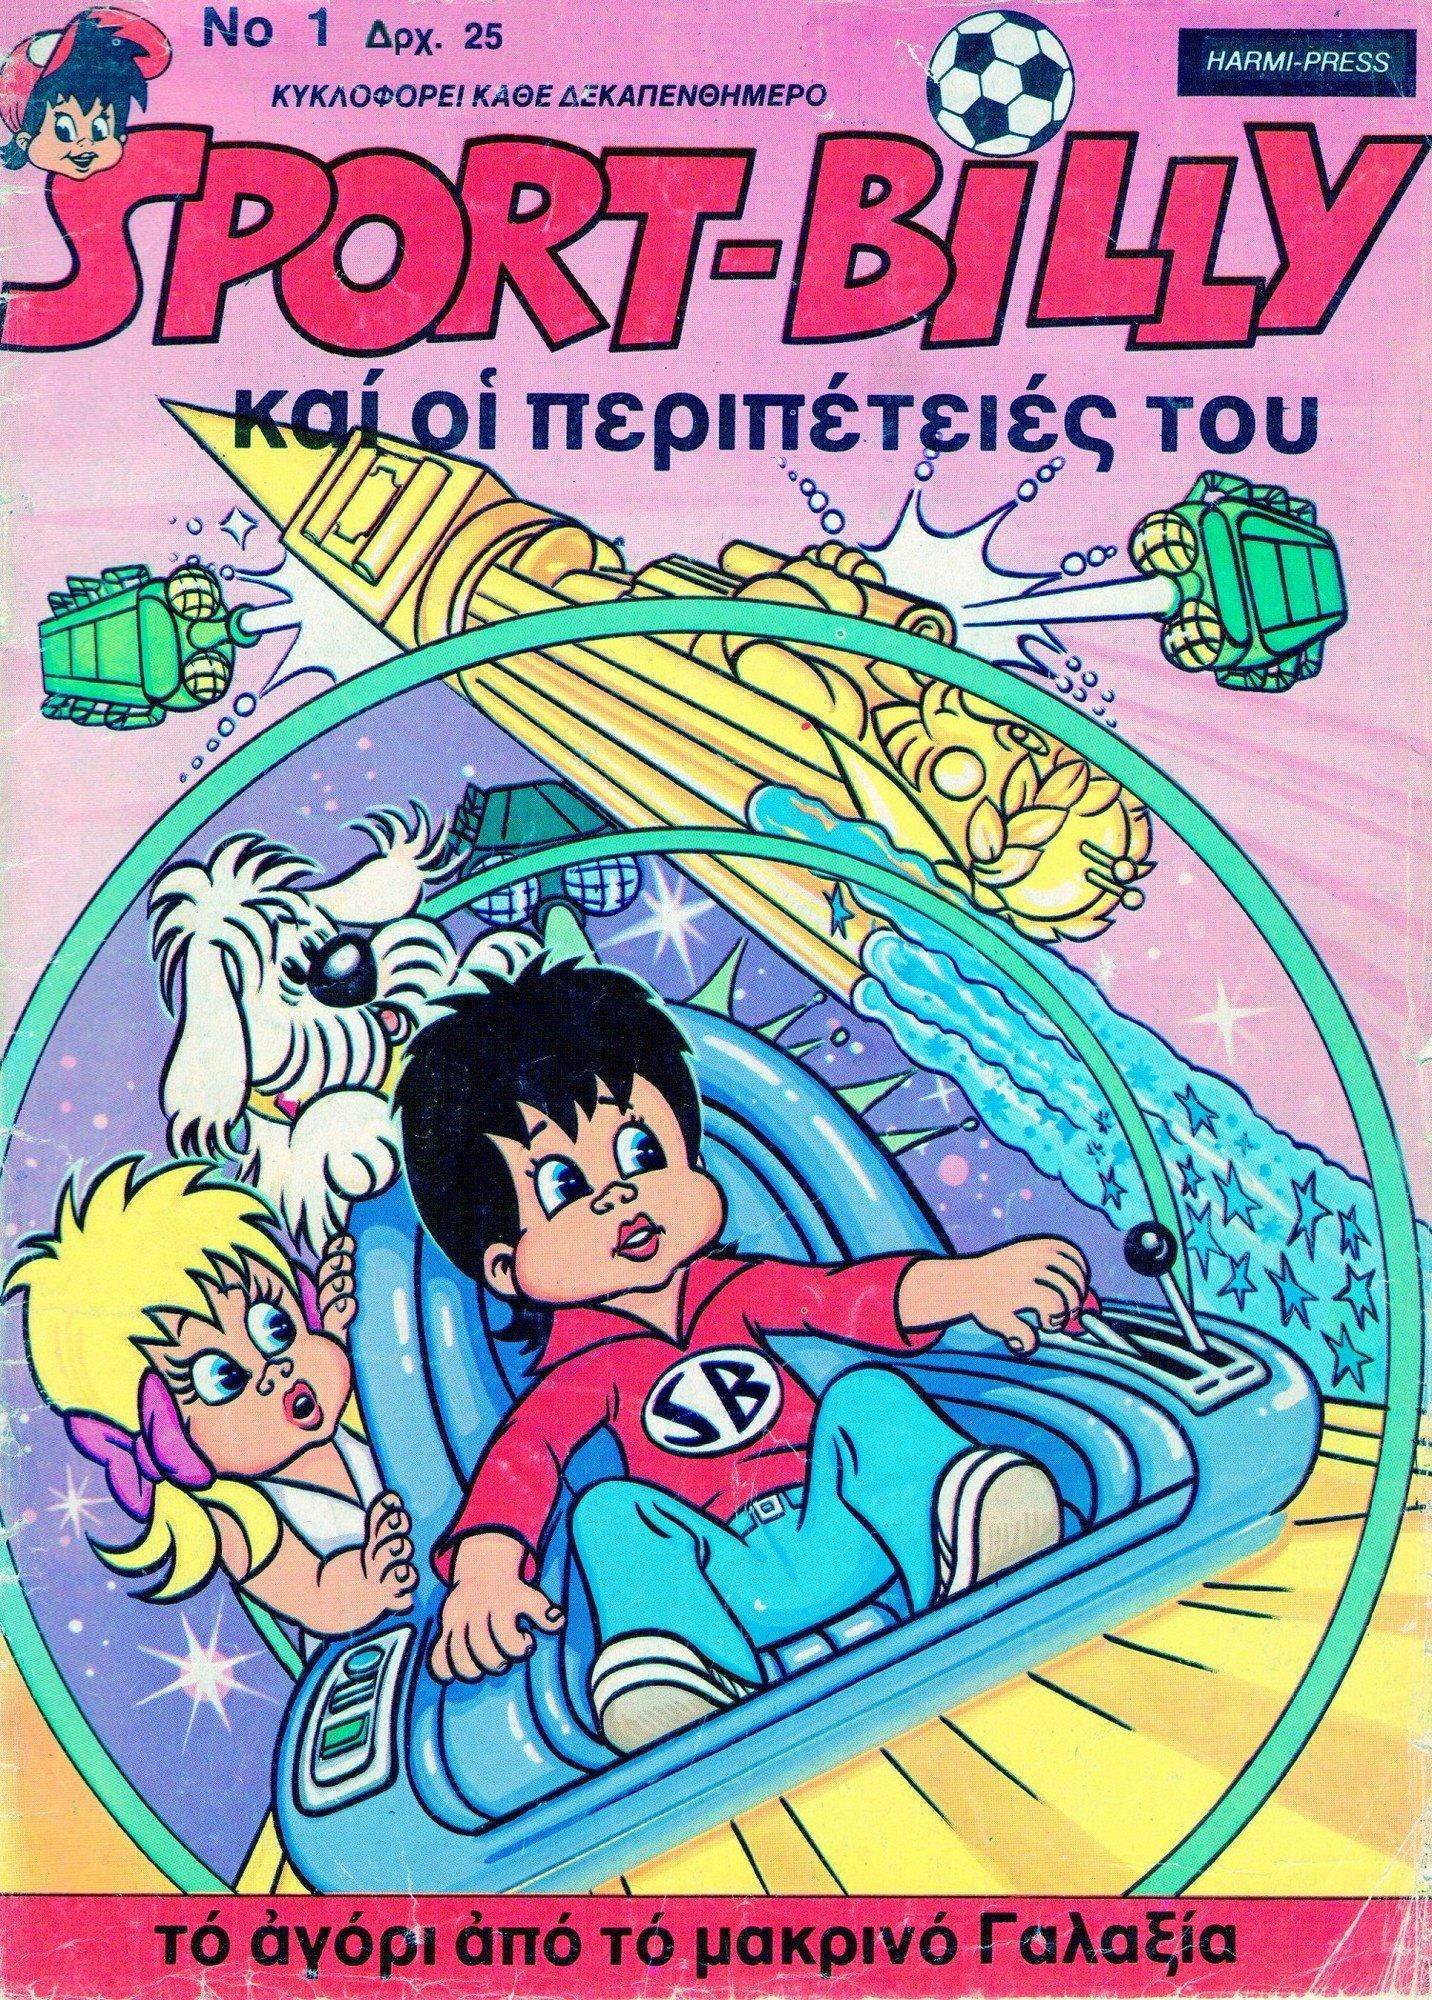 SPORT-BILLY ΚΑΙ ΟΙ ΠΕΡΙΠΕΤΕΙΕΣ ΤΟΥ (1981)